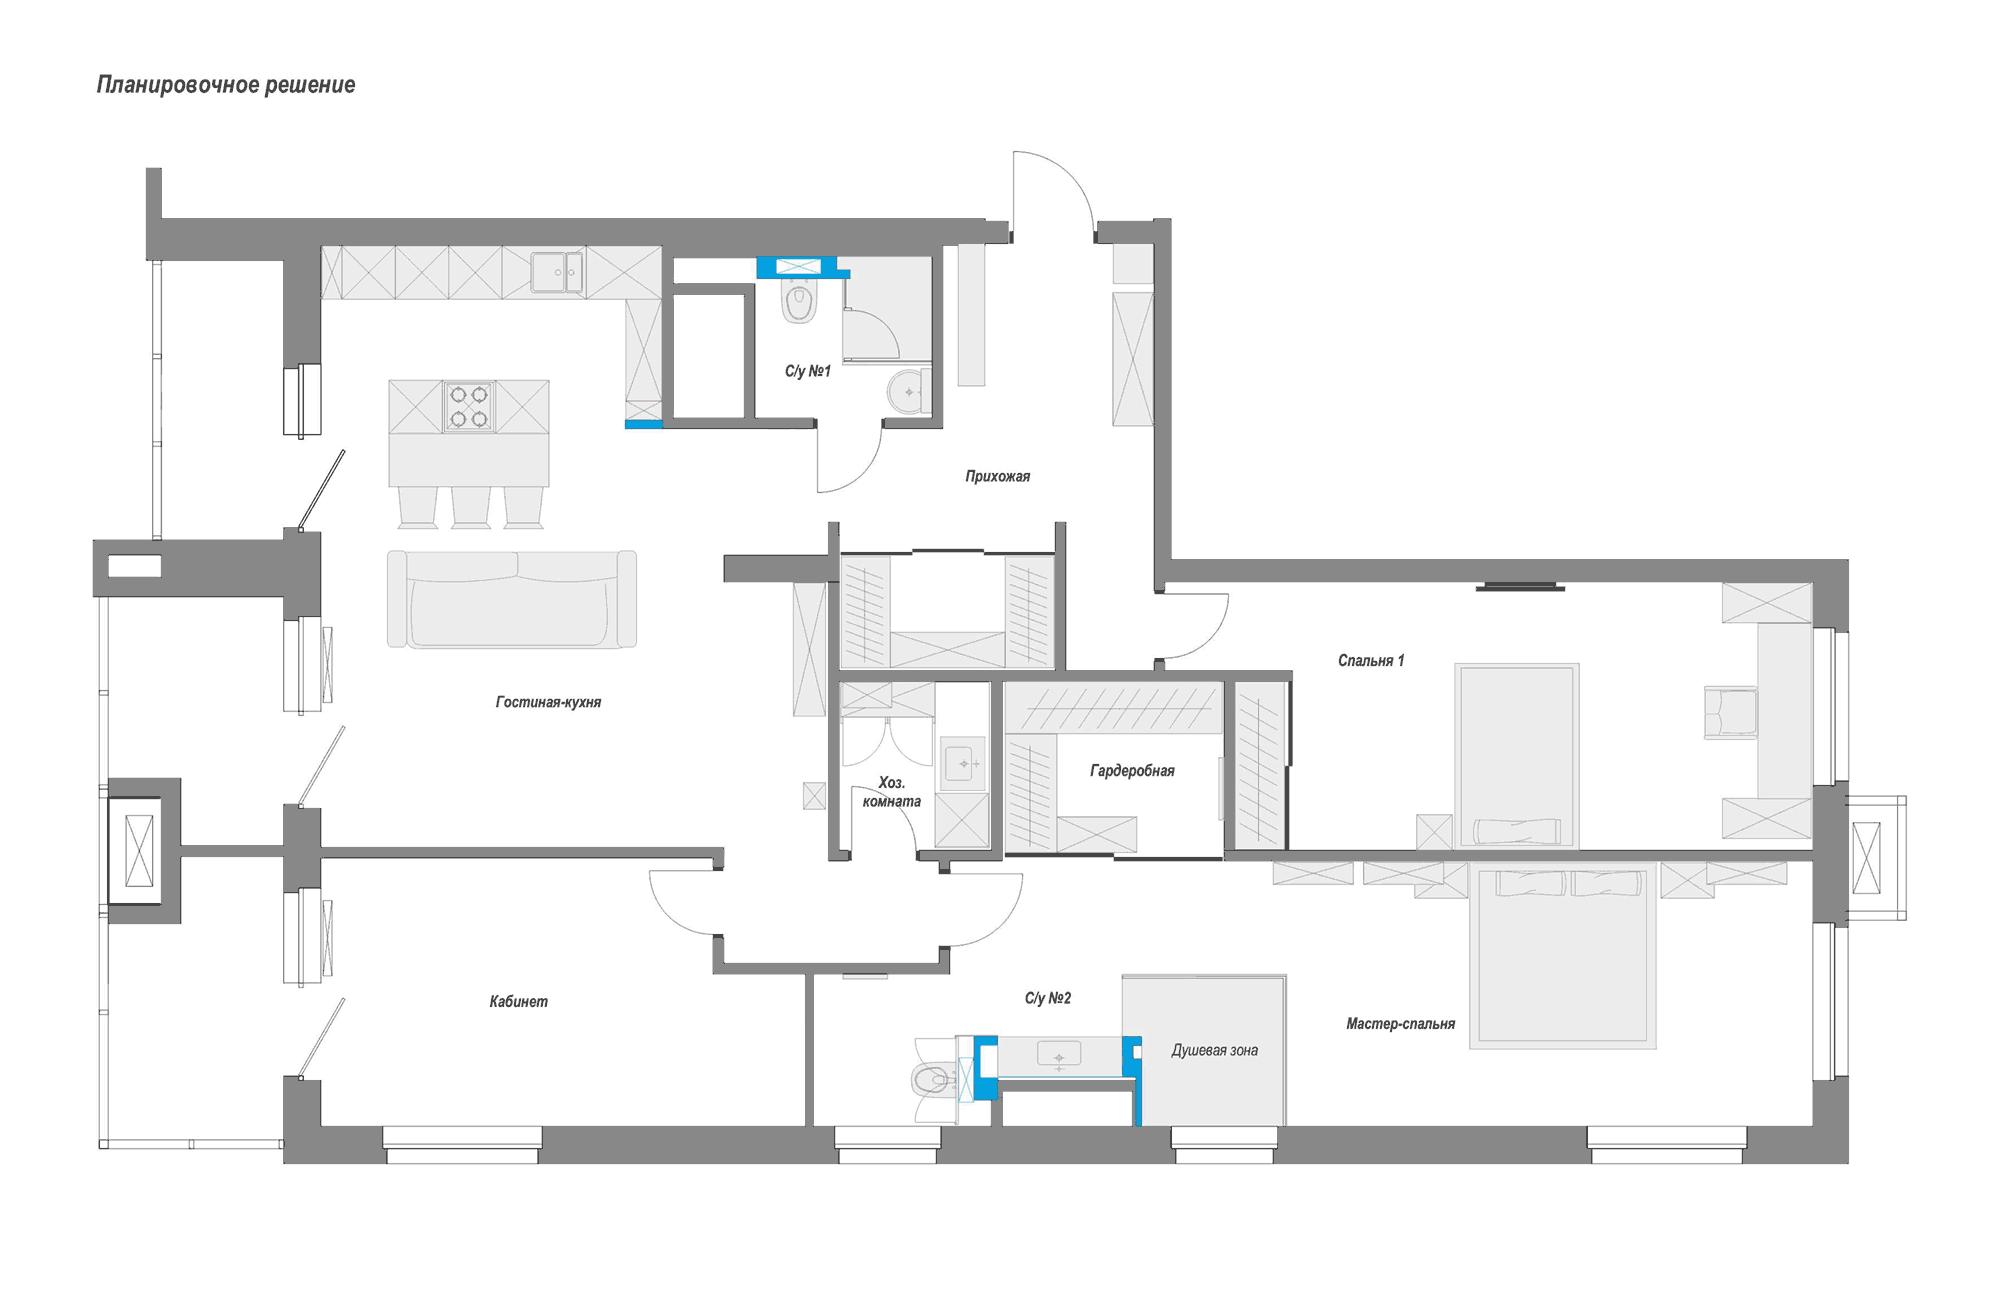 Планировка квартиры, Перепланировка, Дизайн интерьера в ЖК Макаровский 2020г.